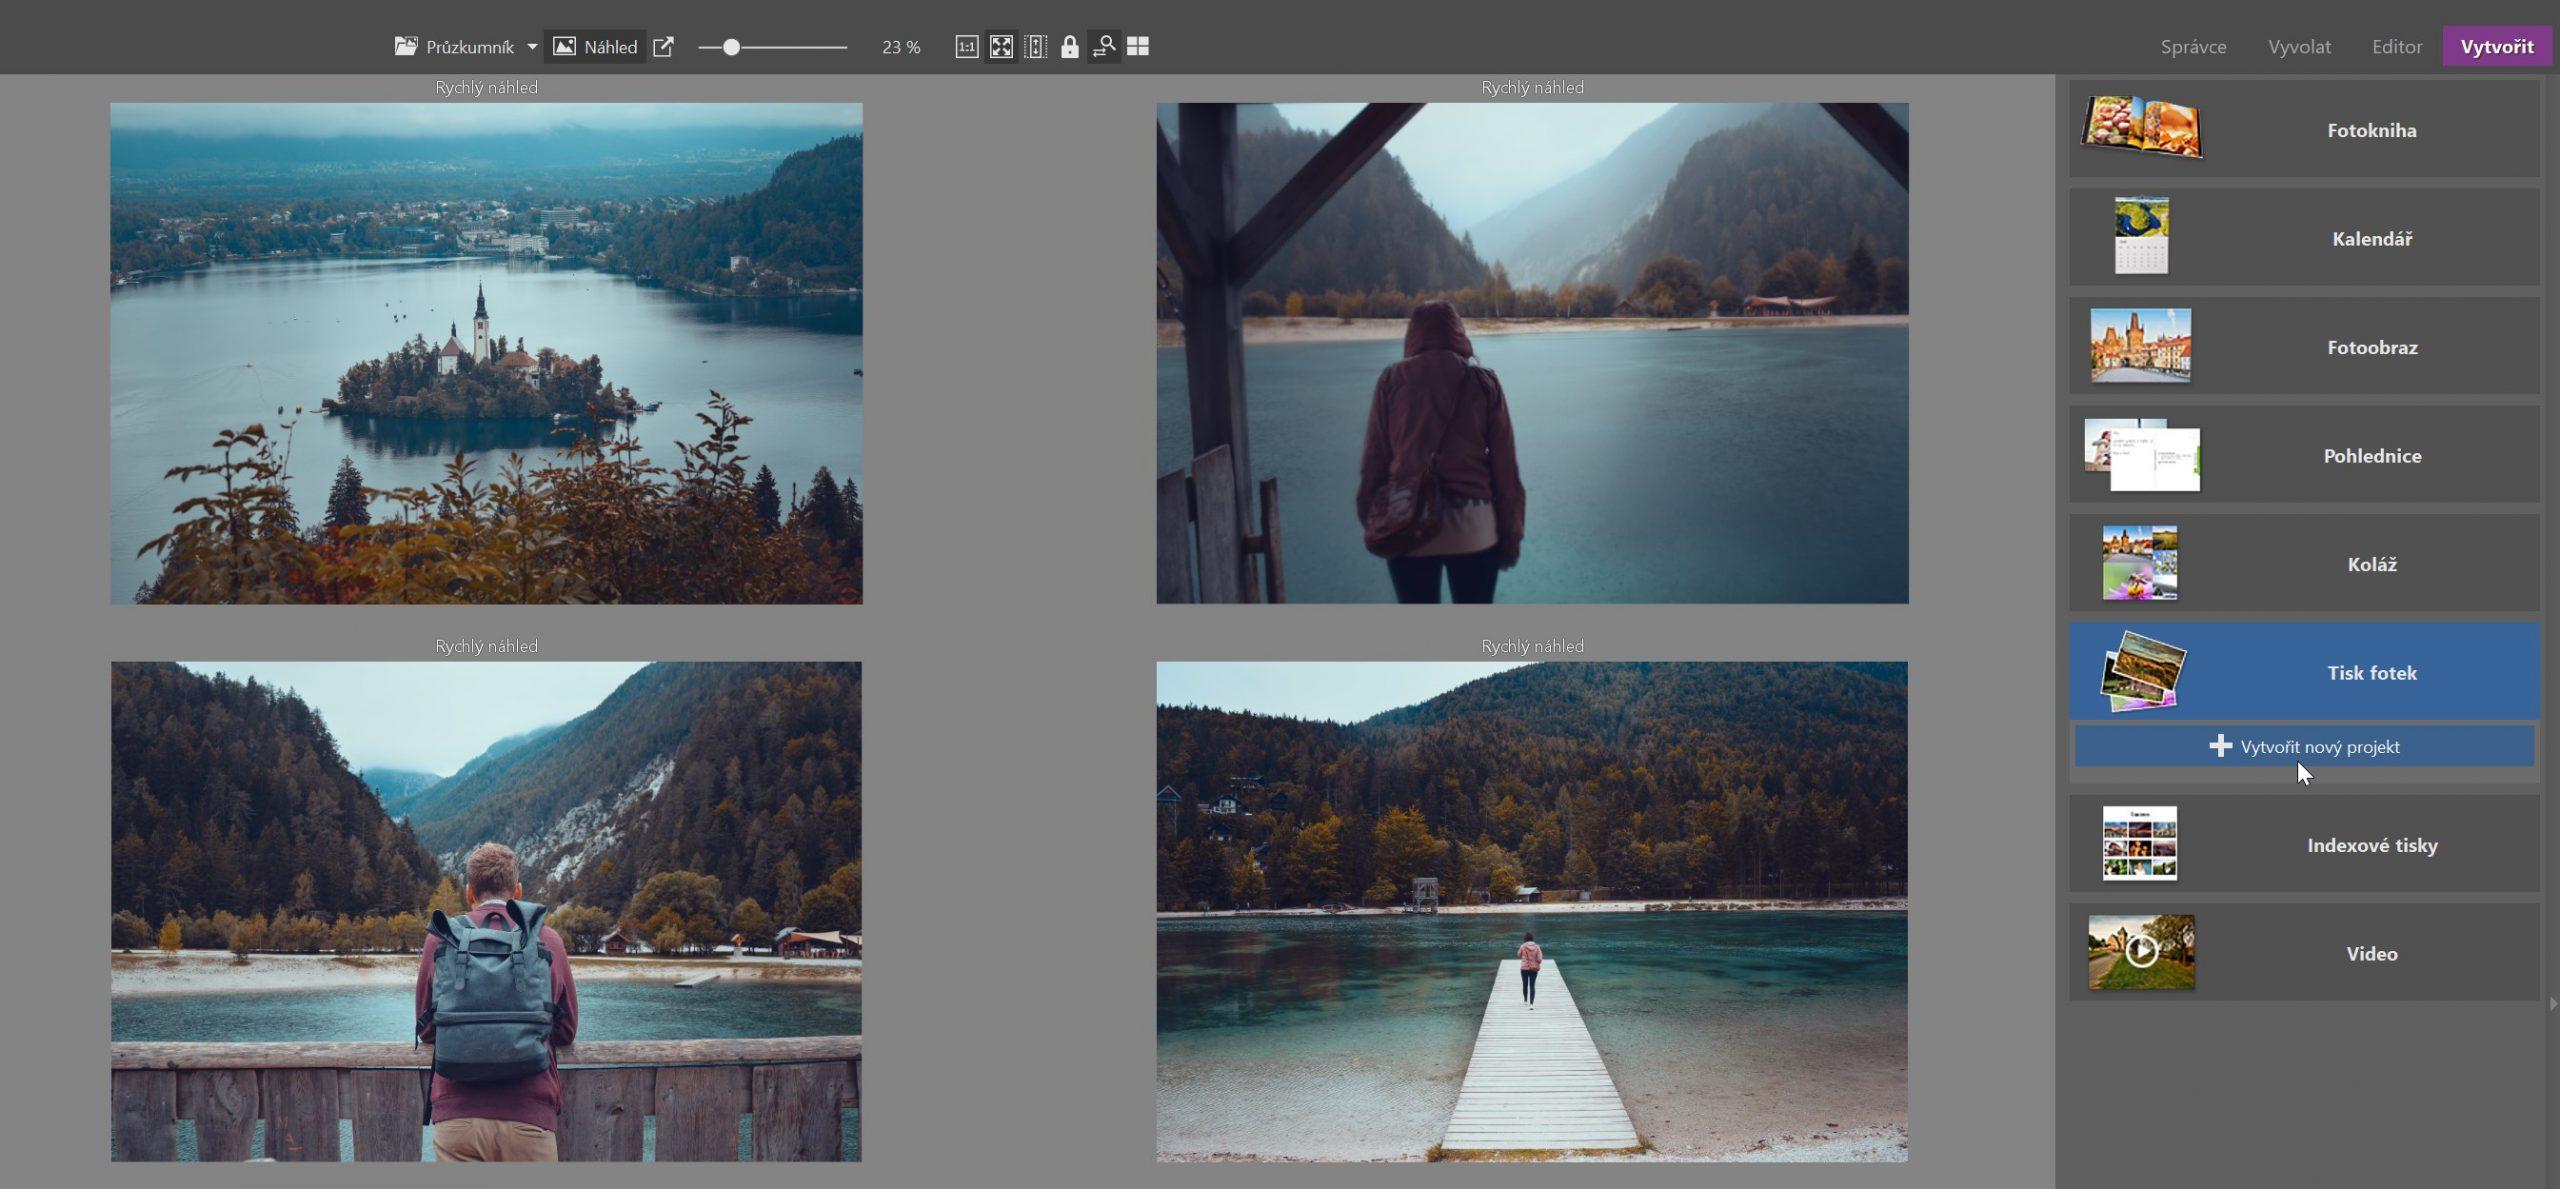 Tisk fotek online? Objednejte si vytištěné fotky přímo ze Zoner Photo Studia X